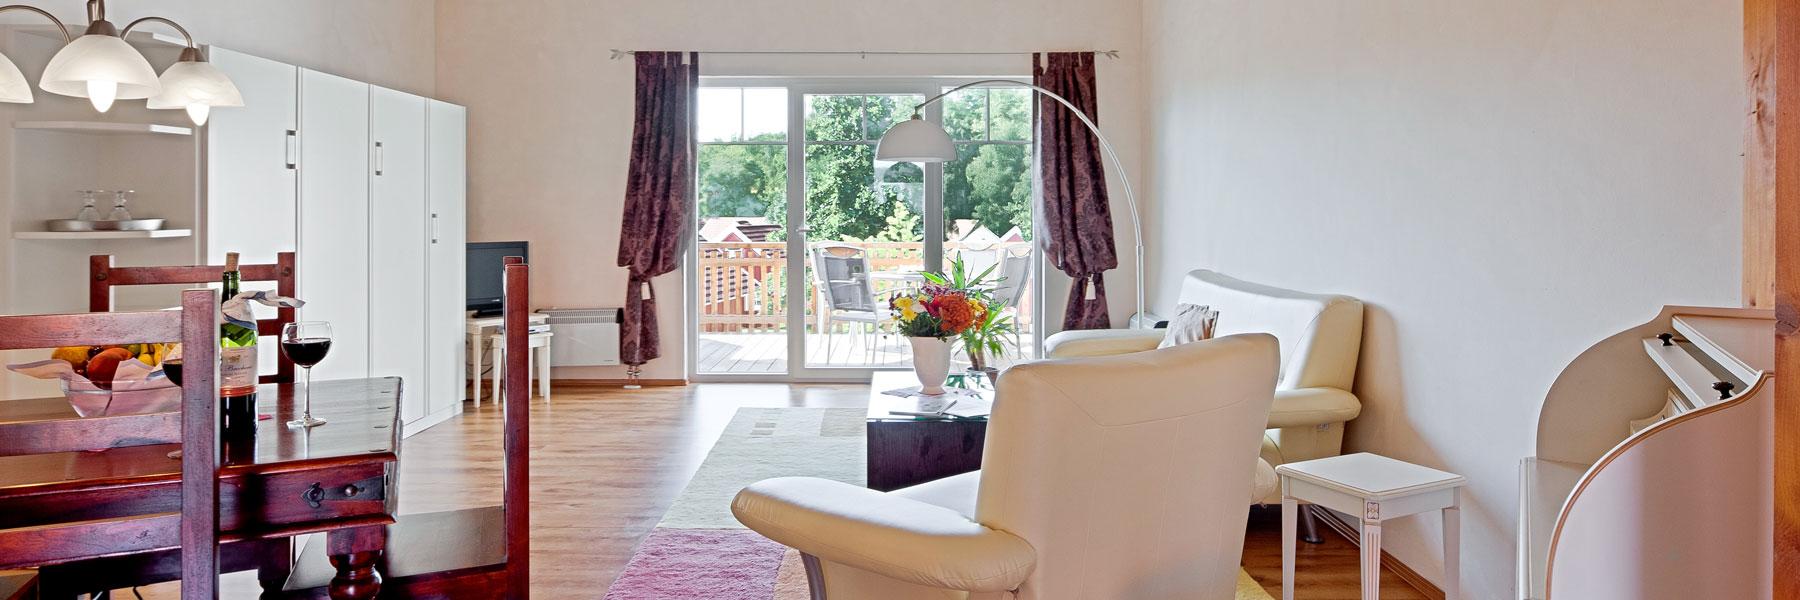 Wohnzimmer - baltic freizeit